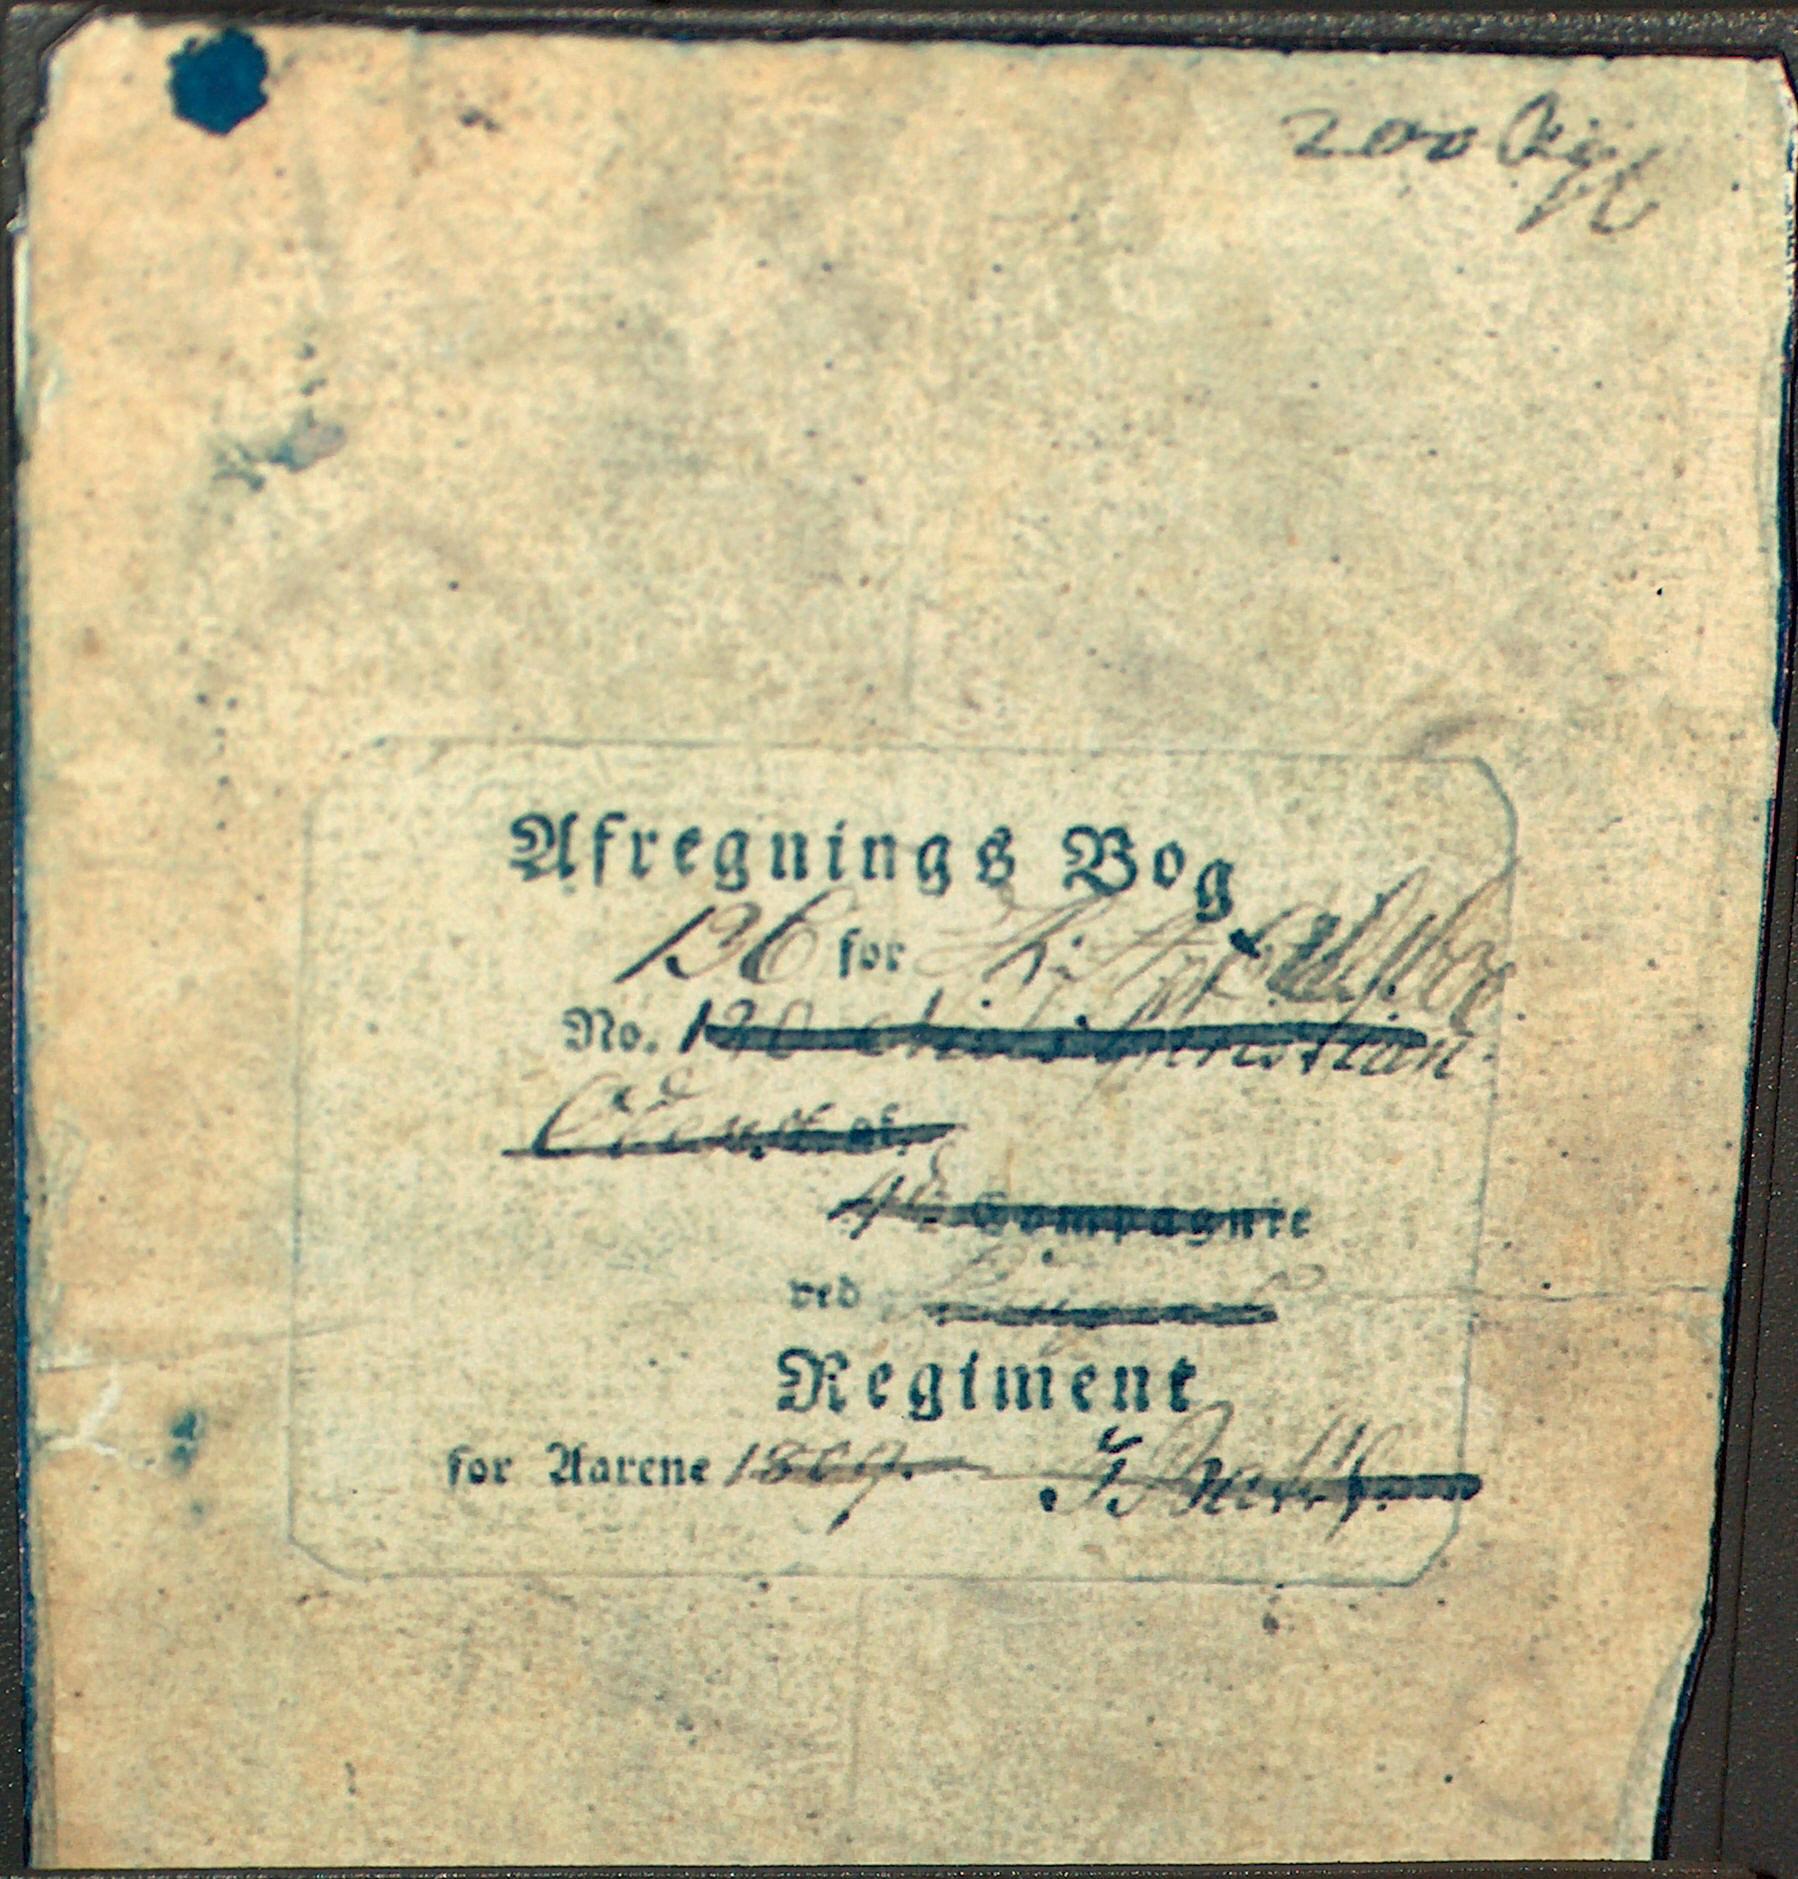 H.C. Andersen faders afregningsbog til militæret